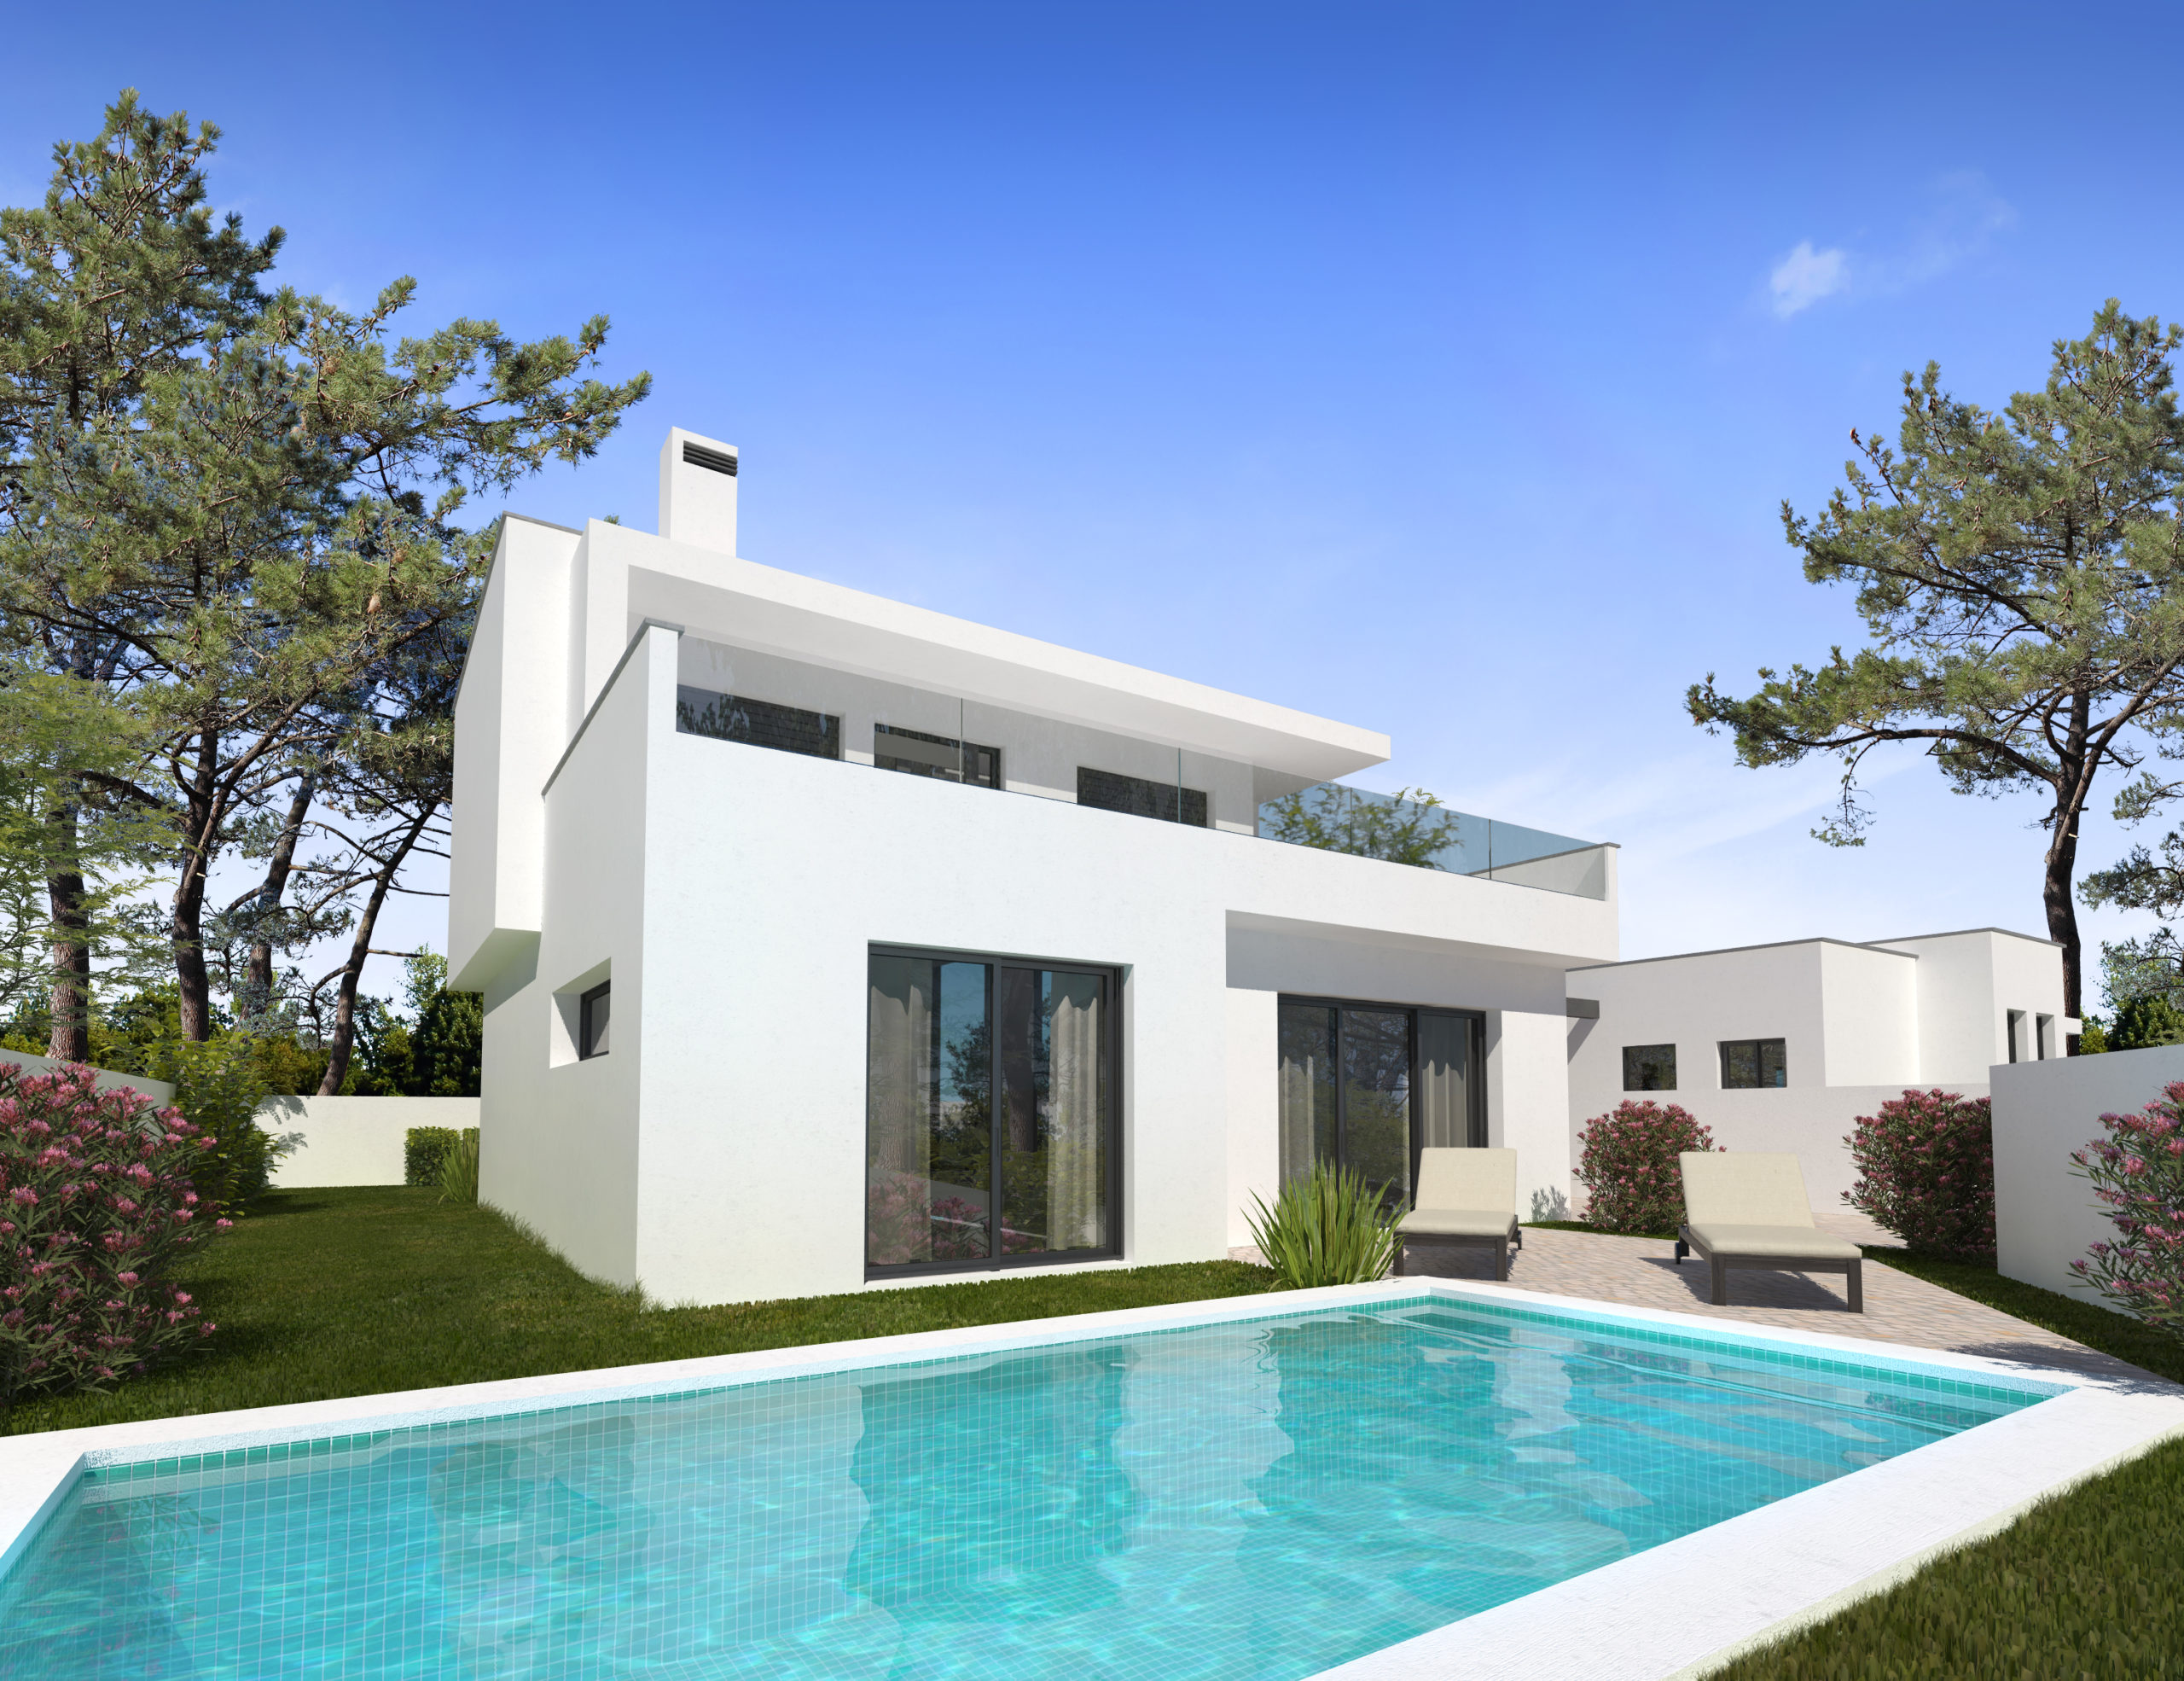 Portugal propriété clé en main